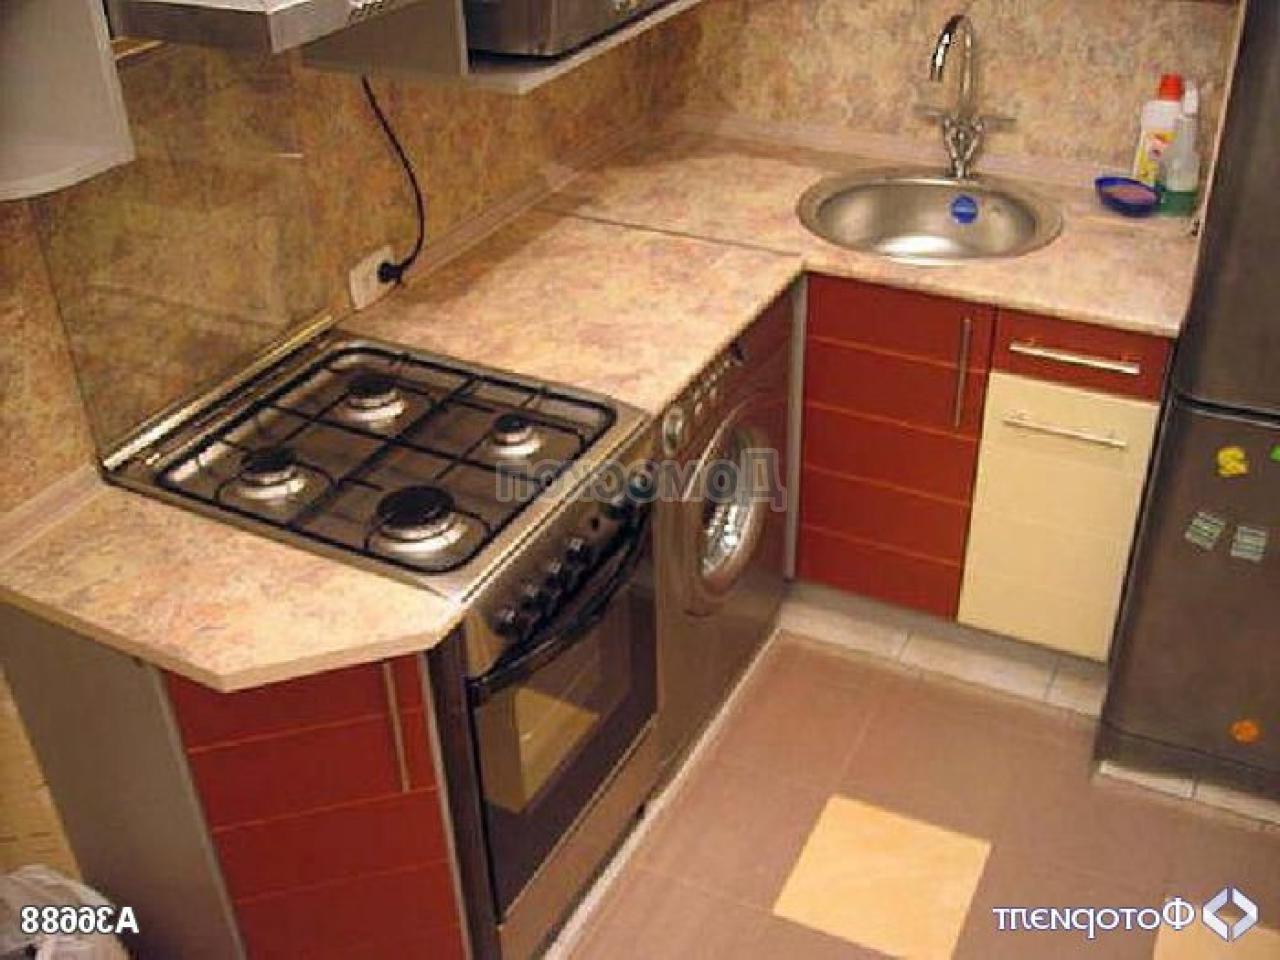 Дизайн кухни 4 кв м с газовой колонкой и холодильником